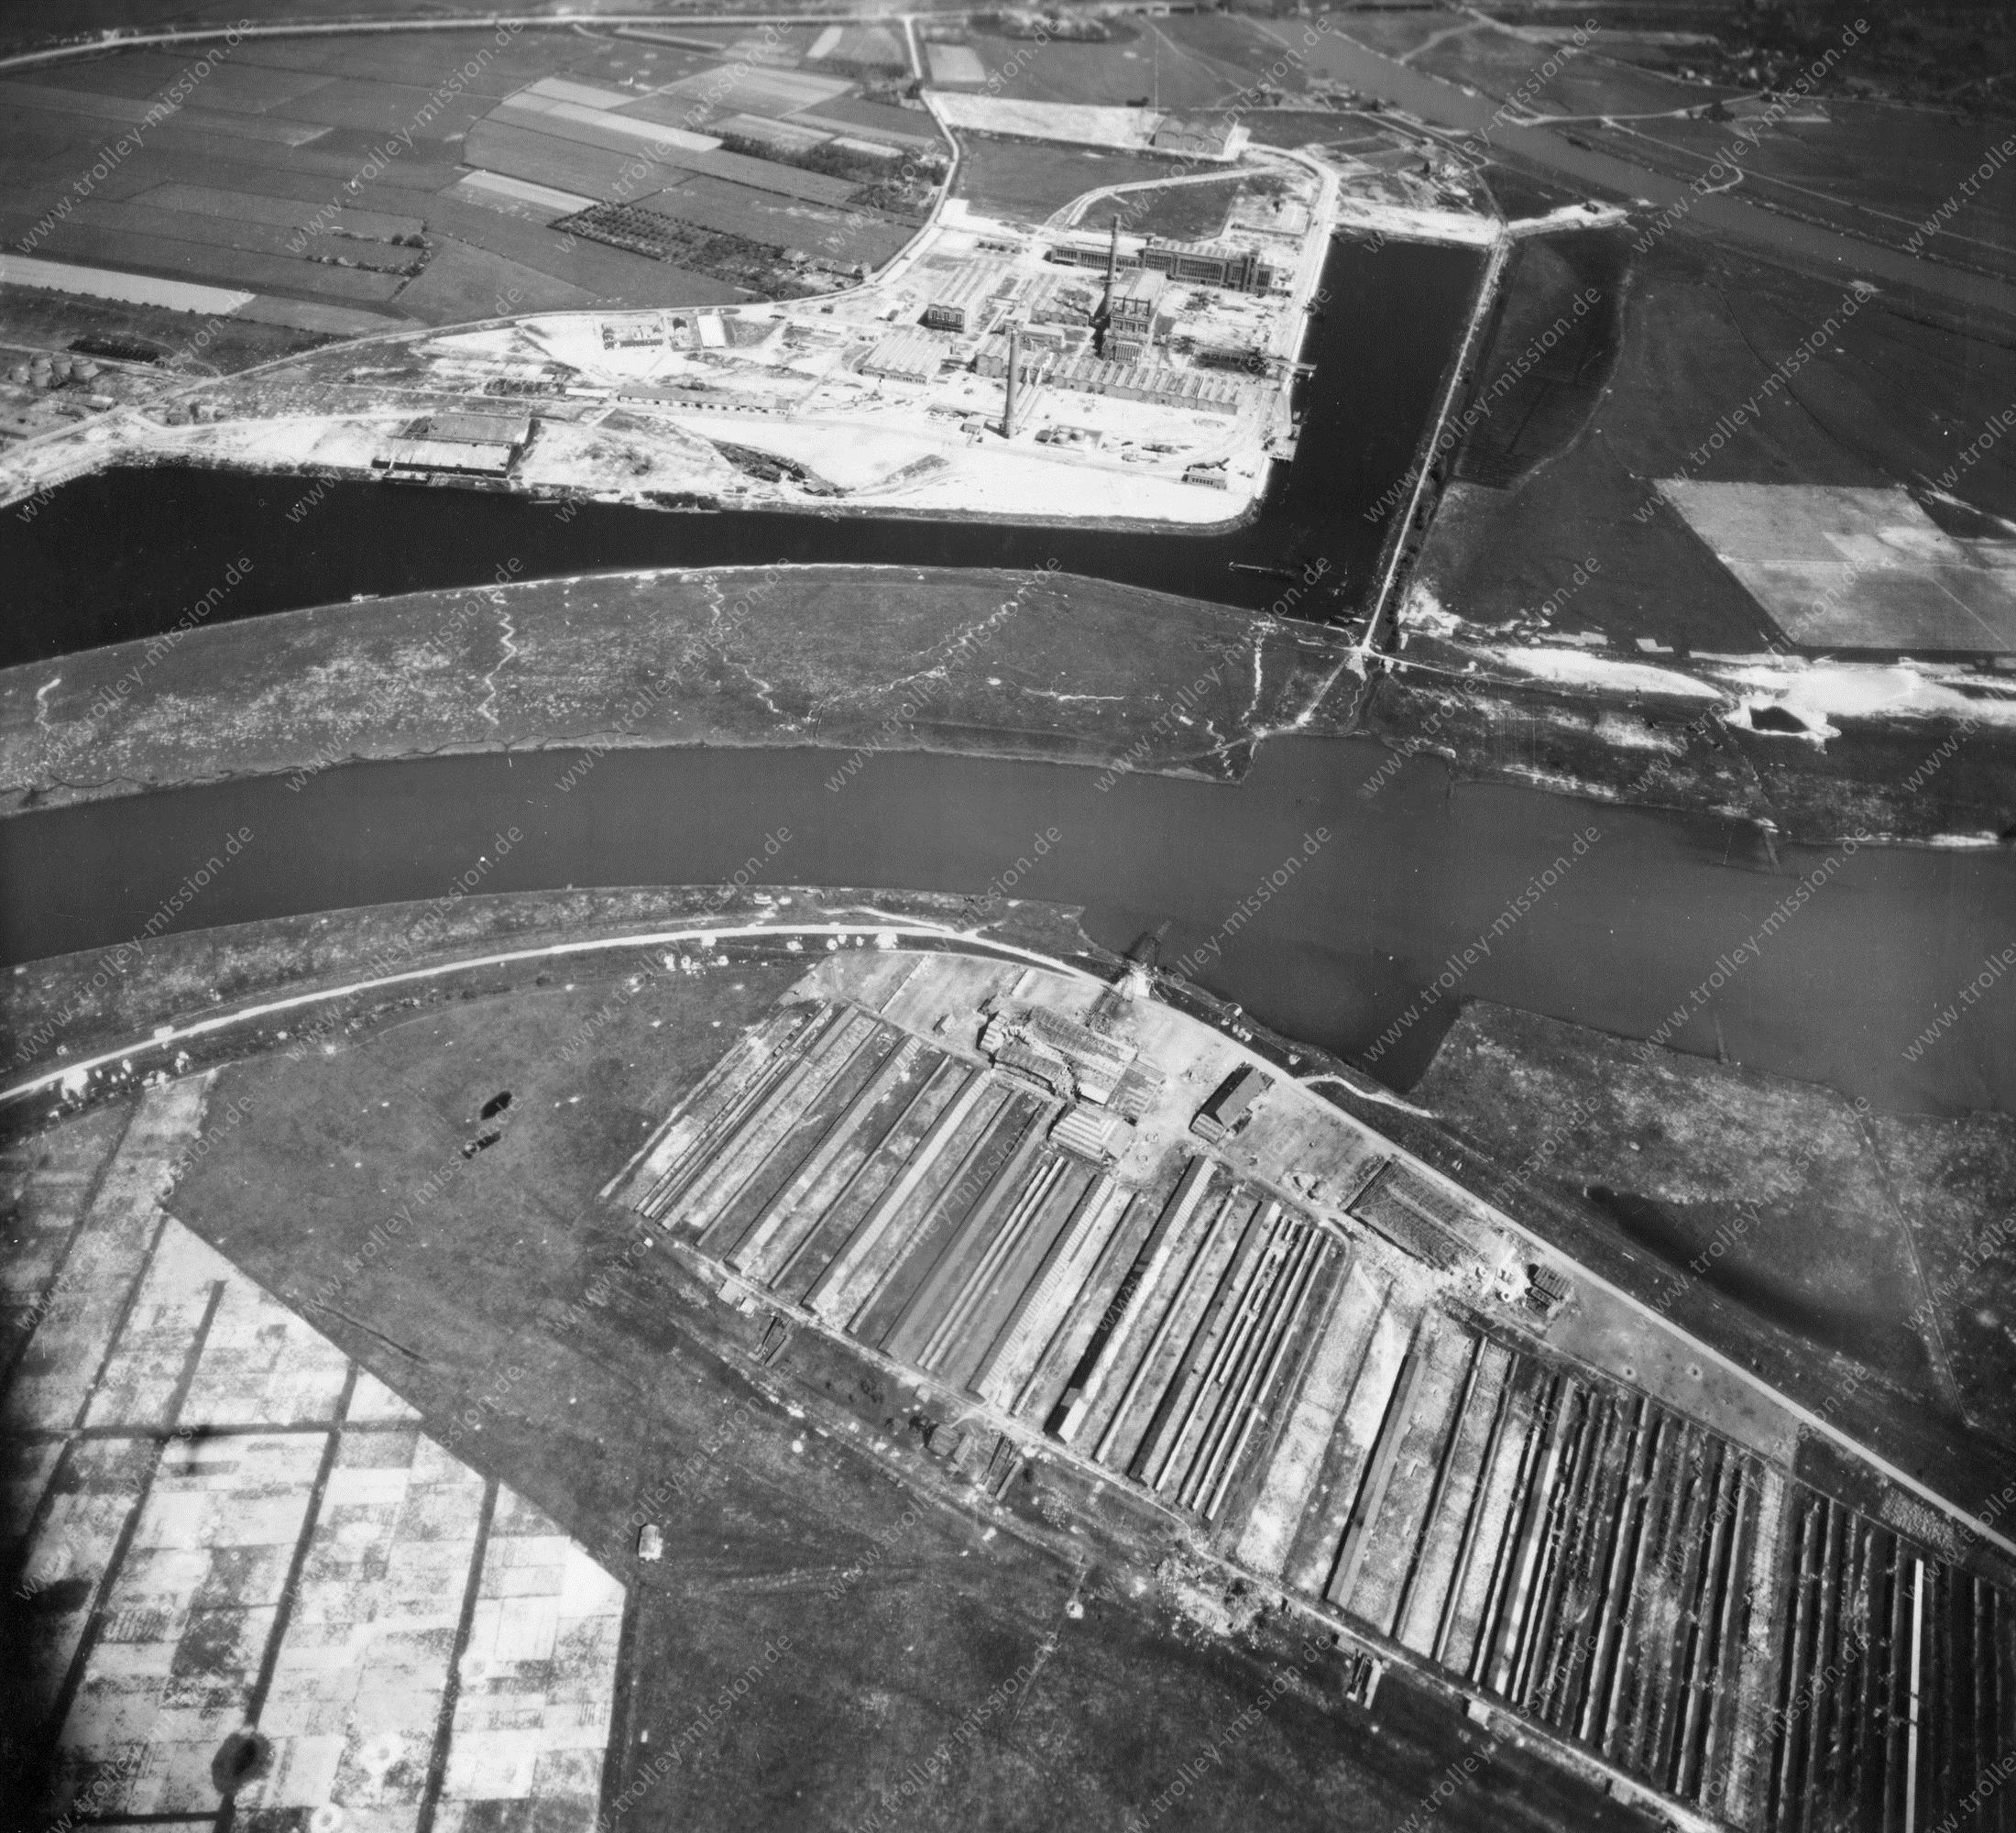 Arnhem Nieuwe Haven (Luchtfoto 1/5) - Kleefse Waard - Foto uit de Tweede Wereldoorlog